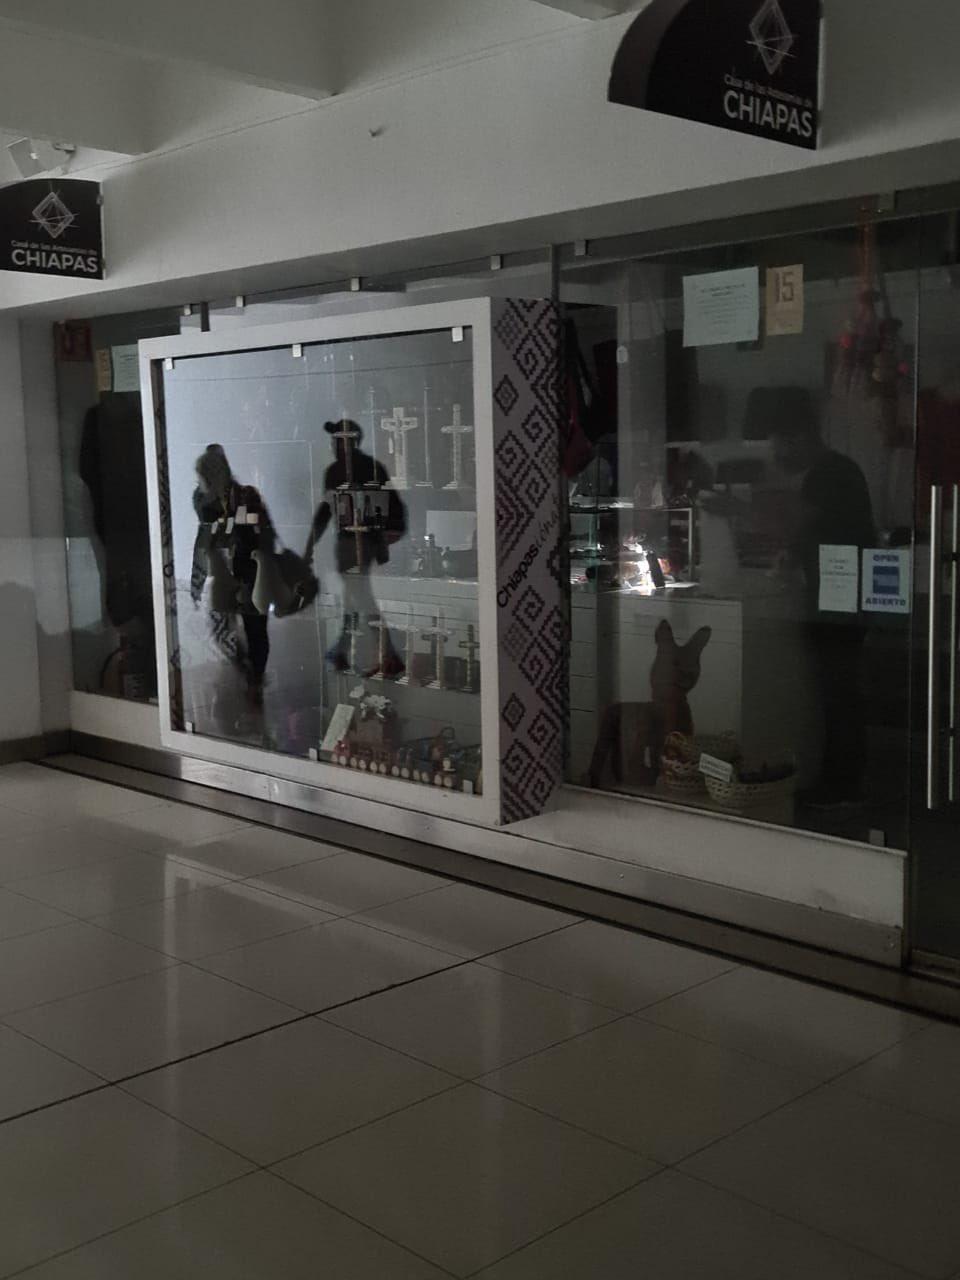 Apagón en salas de abordaje de AICM